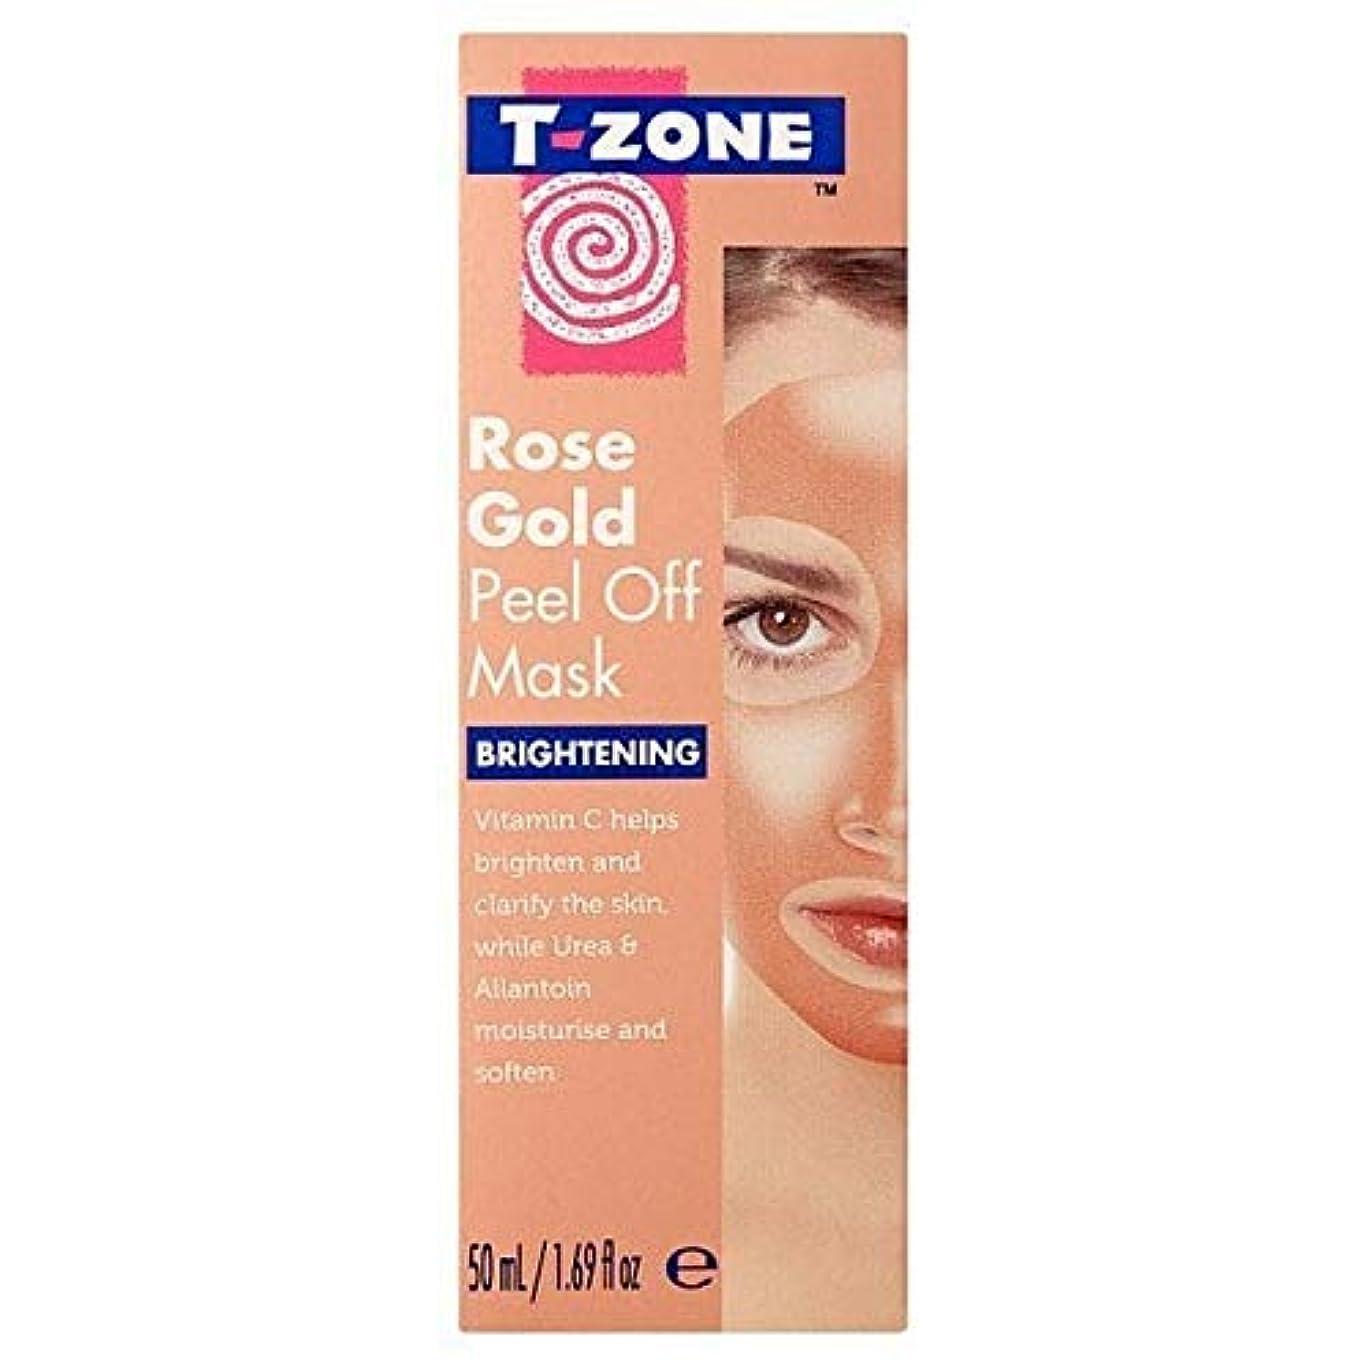 マウンドゴール増強[T-Zone] Tゾーンは、金マスク50ミリリットルを明るくはがしバラ - T-Zone Rose Gold Peel Off Brightening Mask 50ml [並行輸入品]